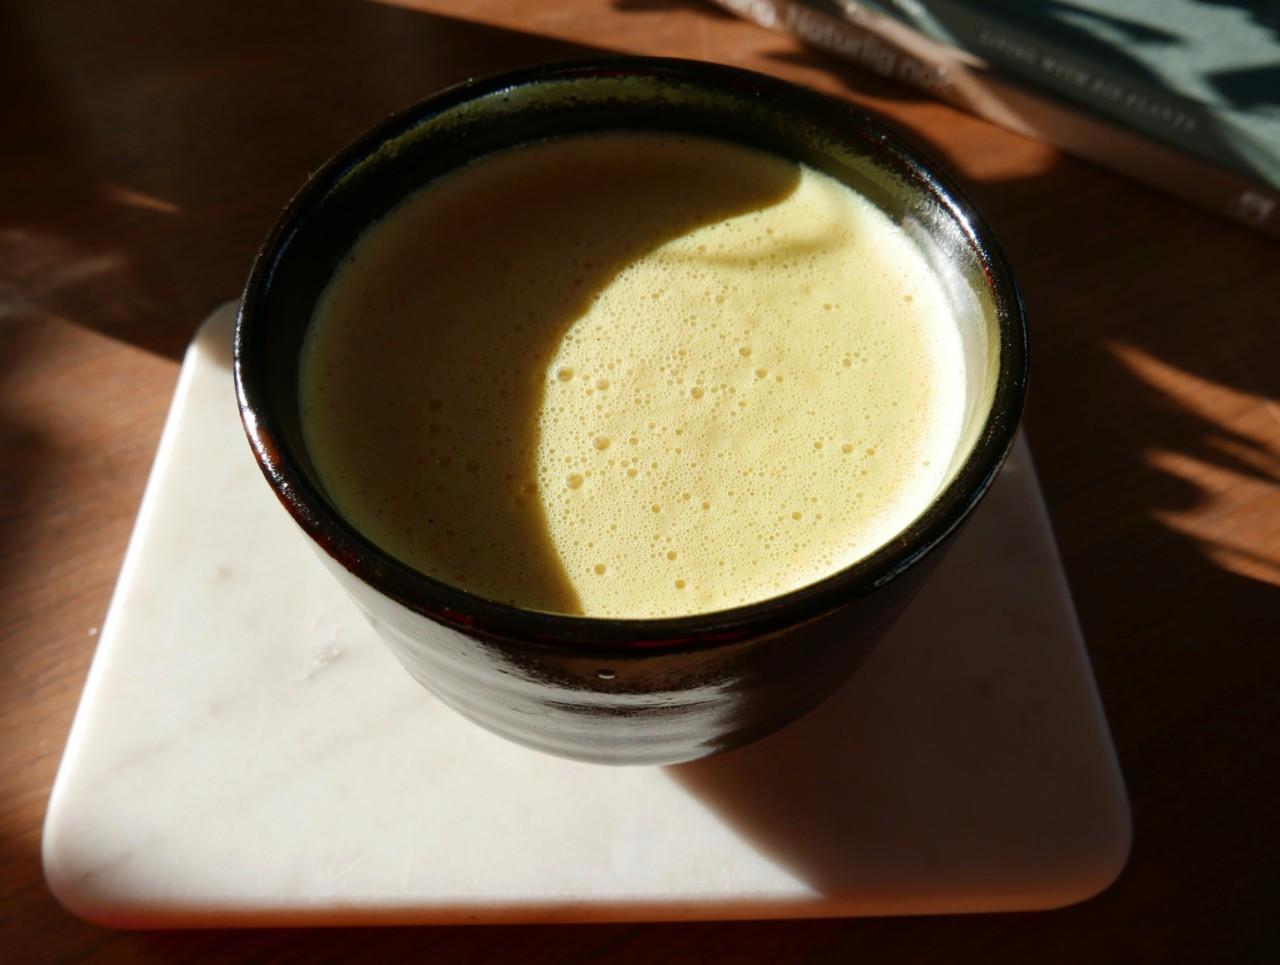 vinter-lys-sol-golden-milk-gurkemeie-latte-kose-drikk